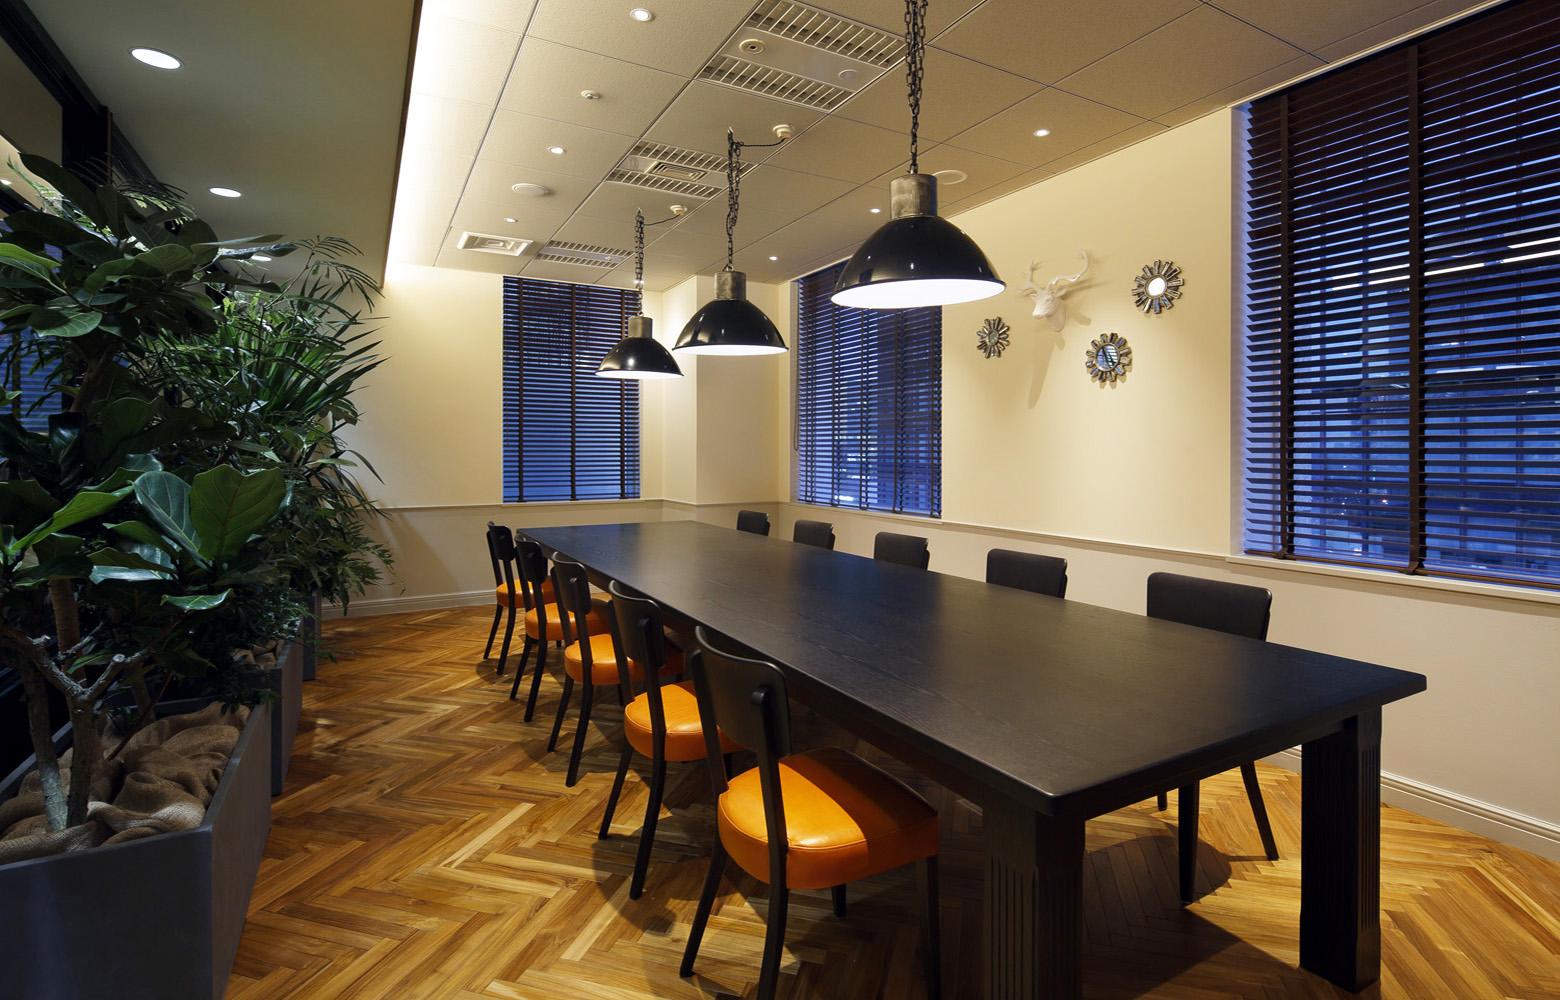 株式会社日本エスコン Meeting Room デザイン・レイアウト事例